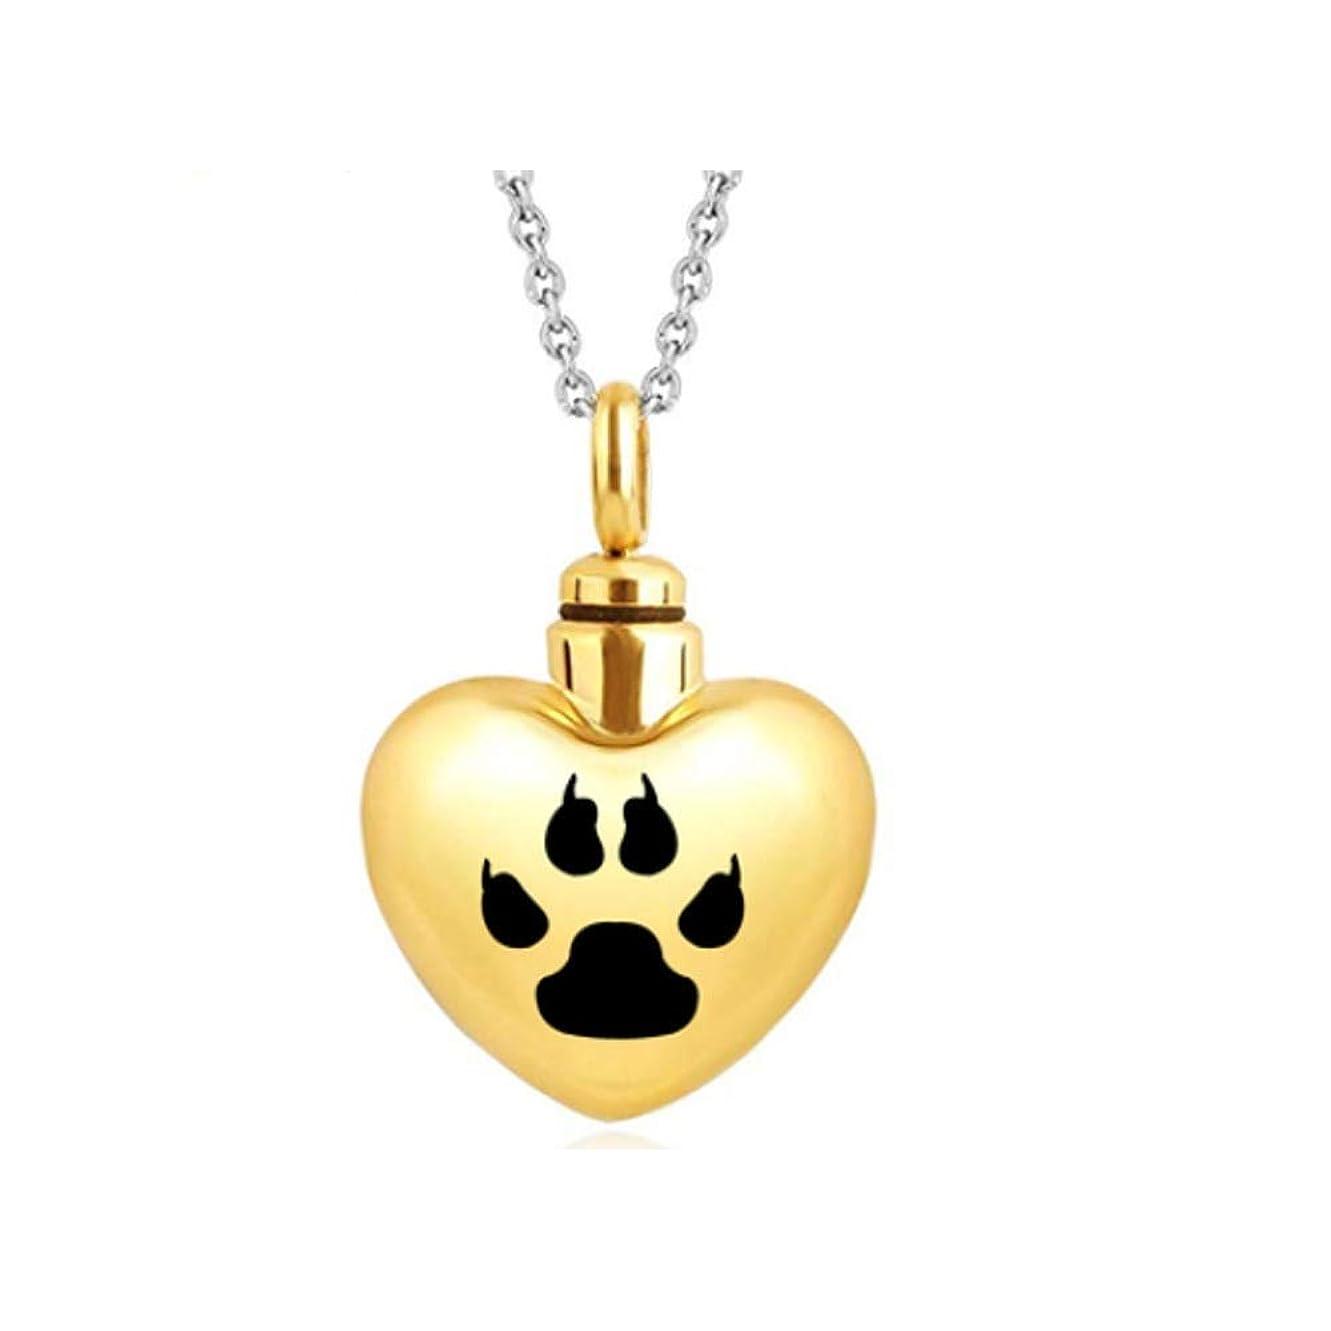 治療十億覚醒XIAN お土産の棺桶、チタン鋼のネックレスペンダント、ペットの壷、親戚、ペットの火葬場のお土産が大好きです。 Find Peace With This Lovely Dog Or Cat Pet Cremation Urn (Color : Gold)